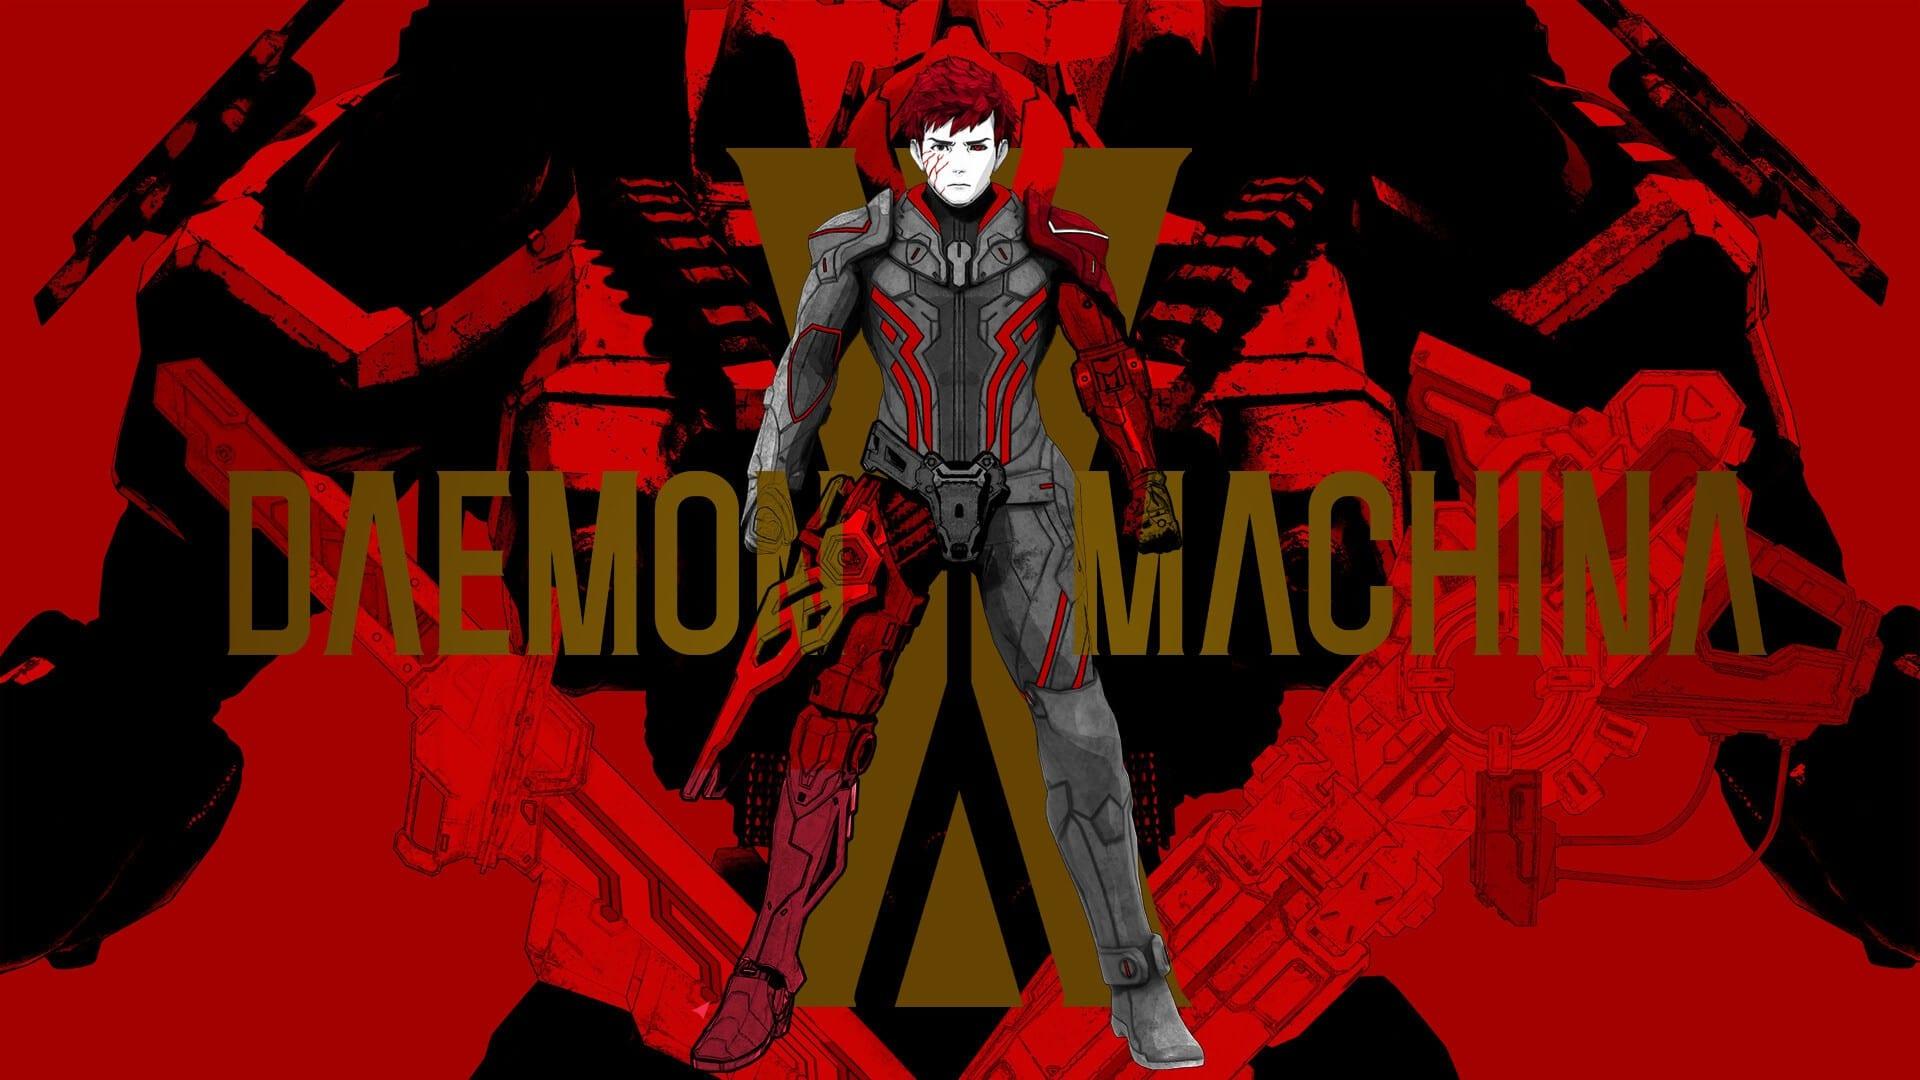 daemon x machina, mercenary rank